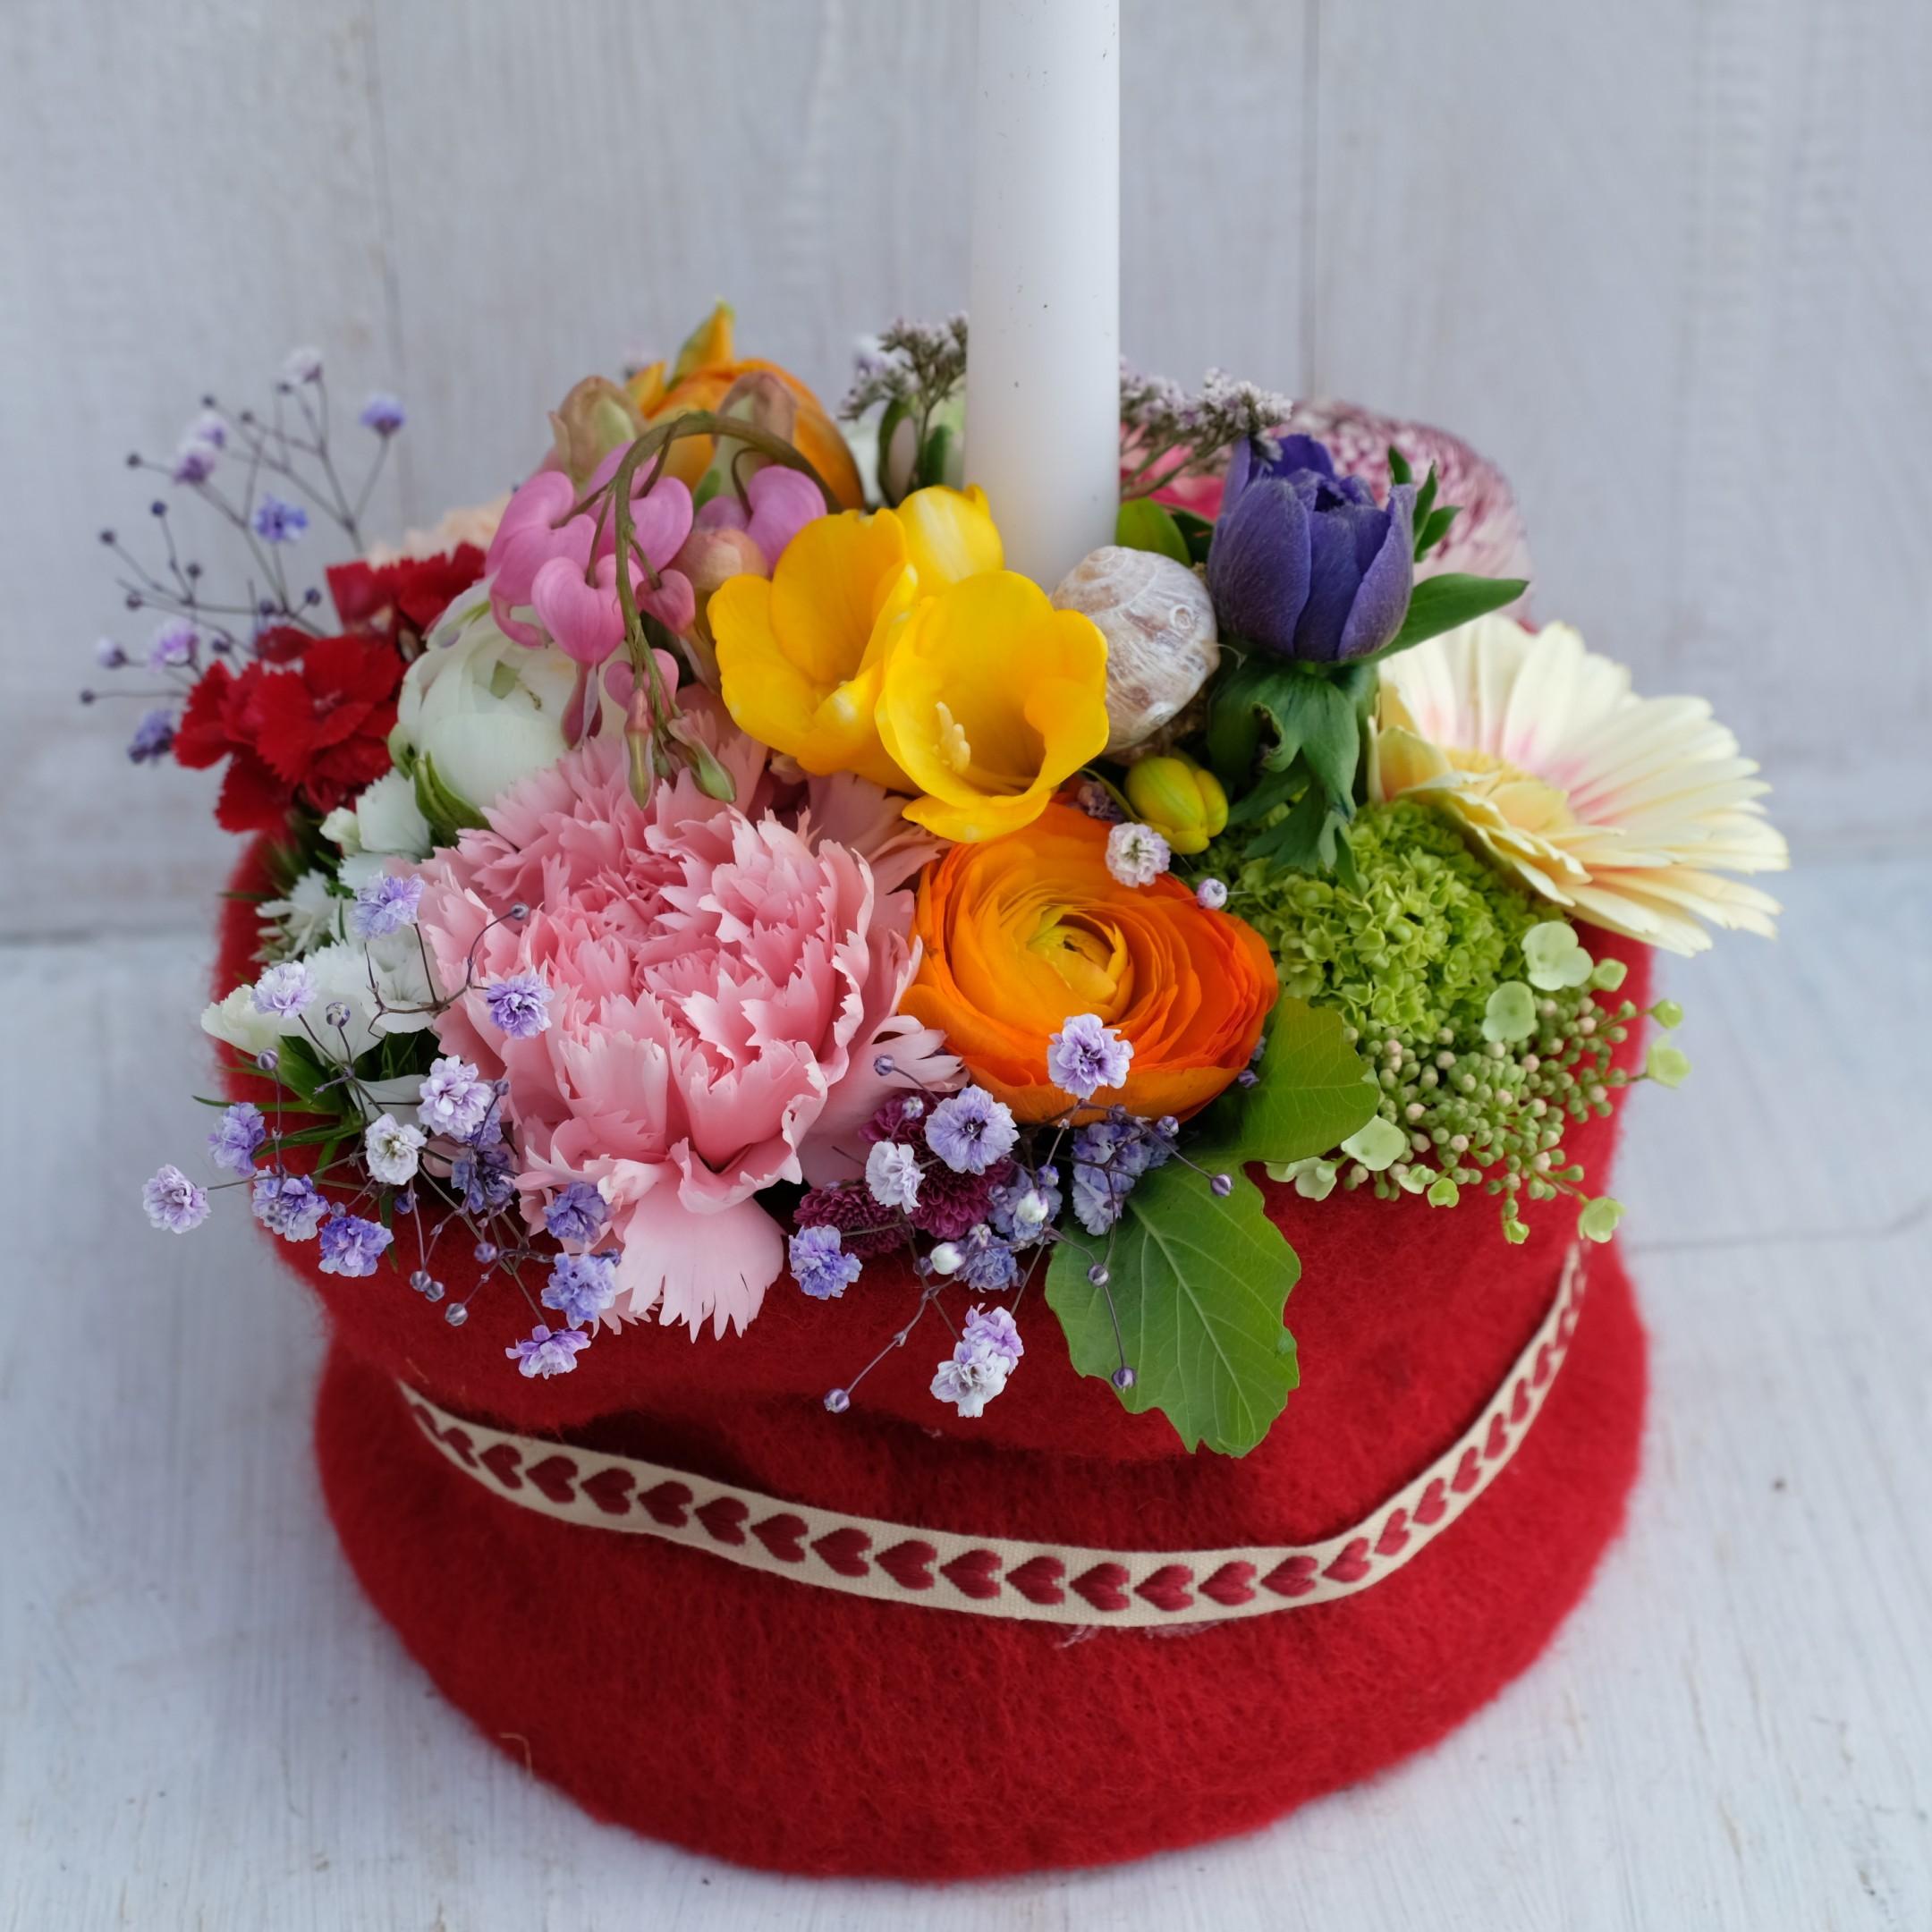 Mamas Blumentorte Bild 3